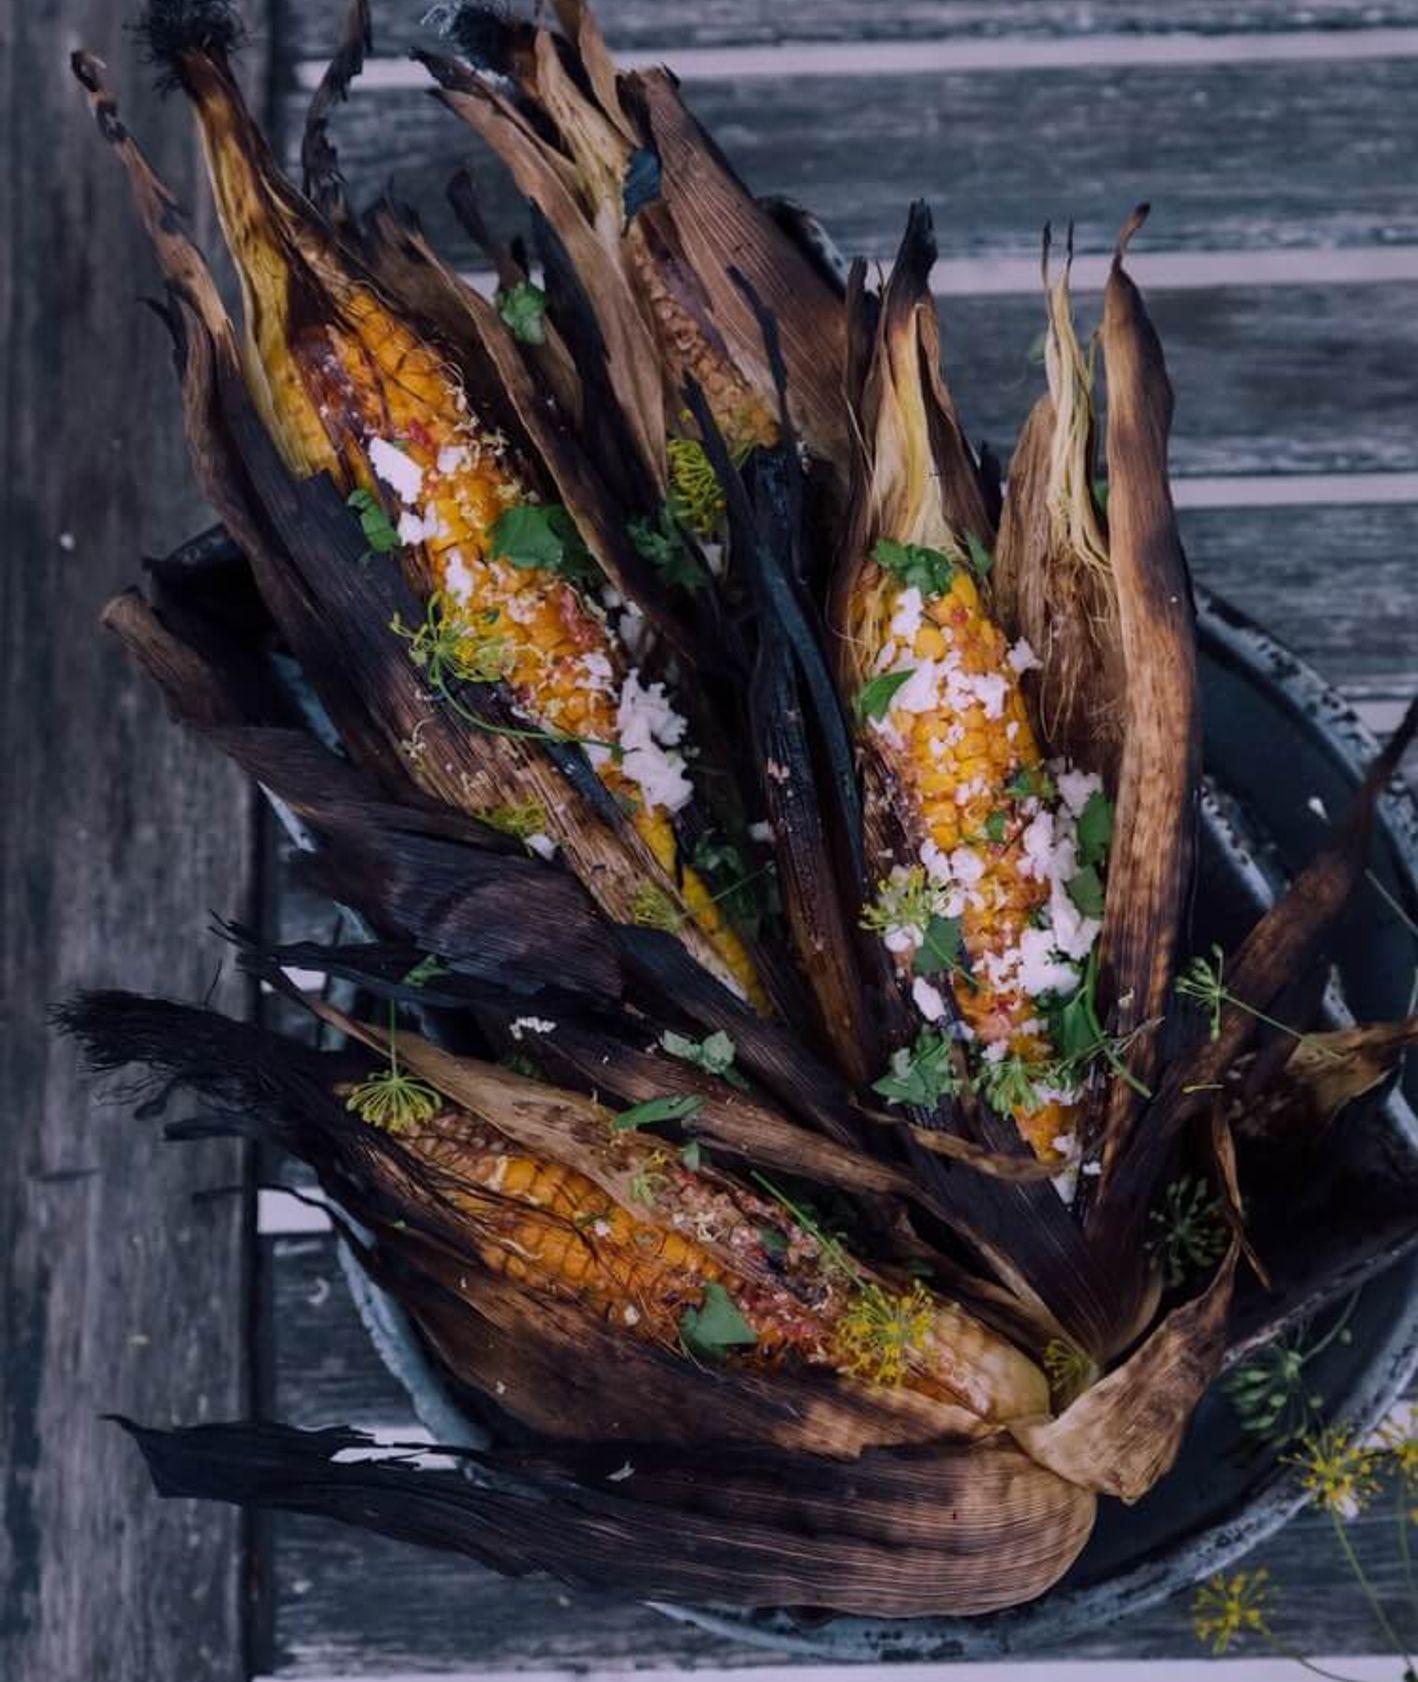 Kukurydza z grilla posypana ziołami i solą (fot. Christiann Koepke)